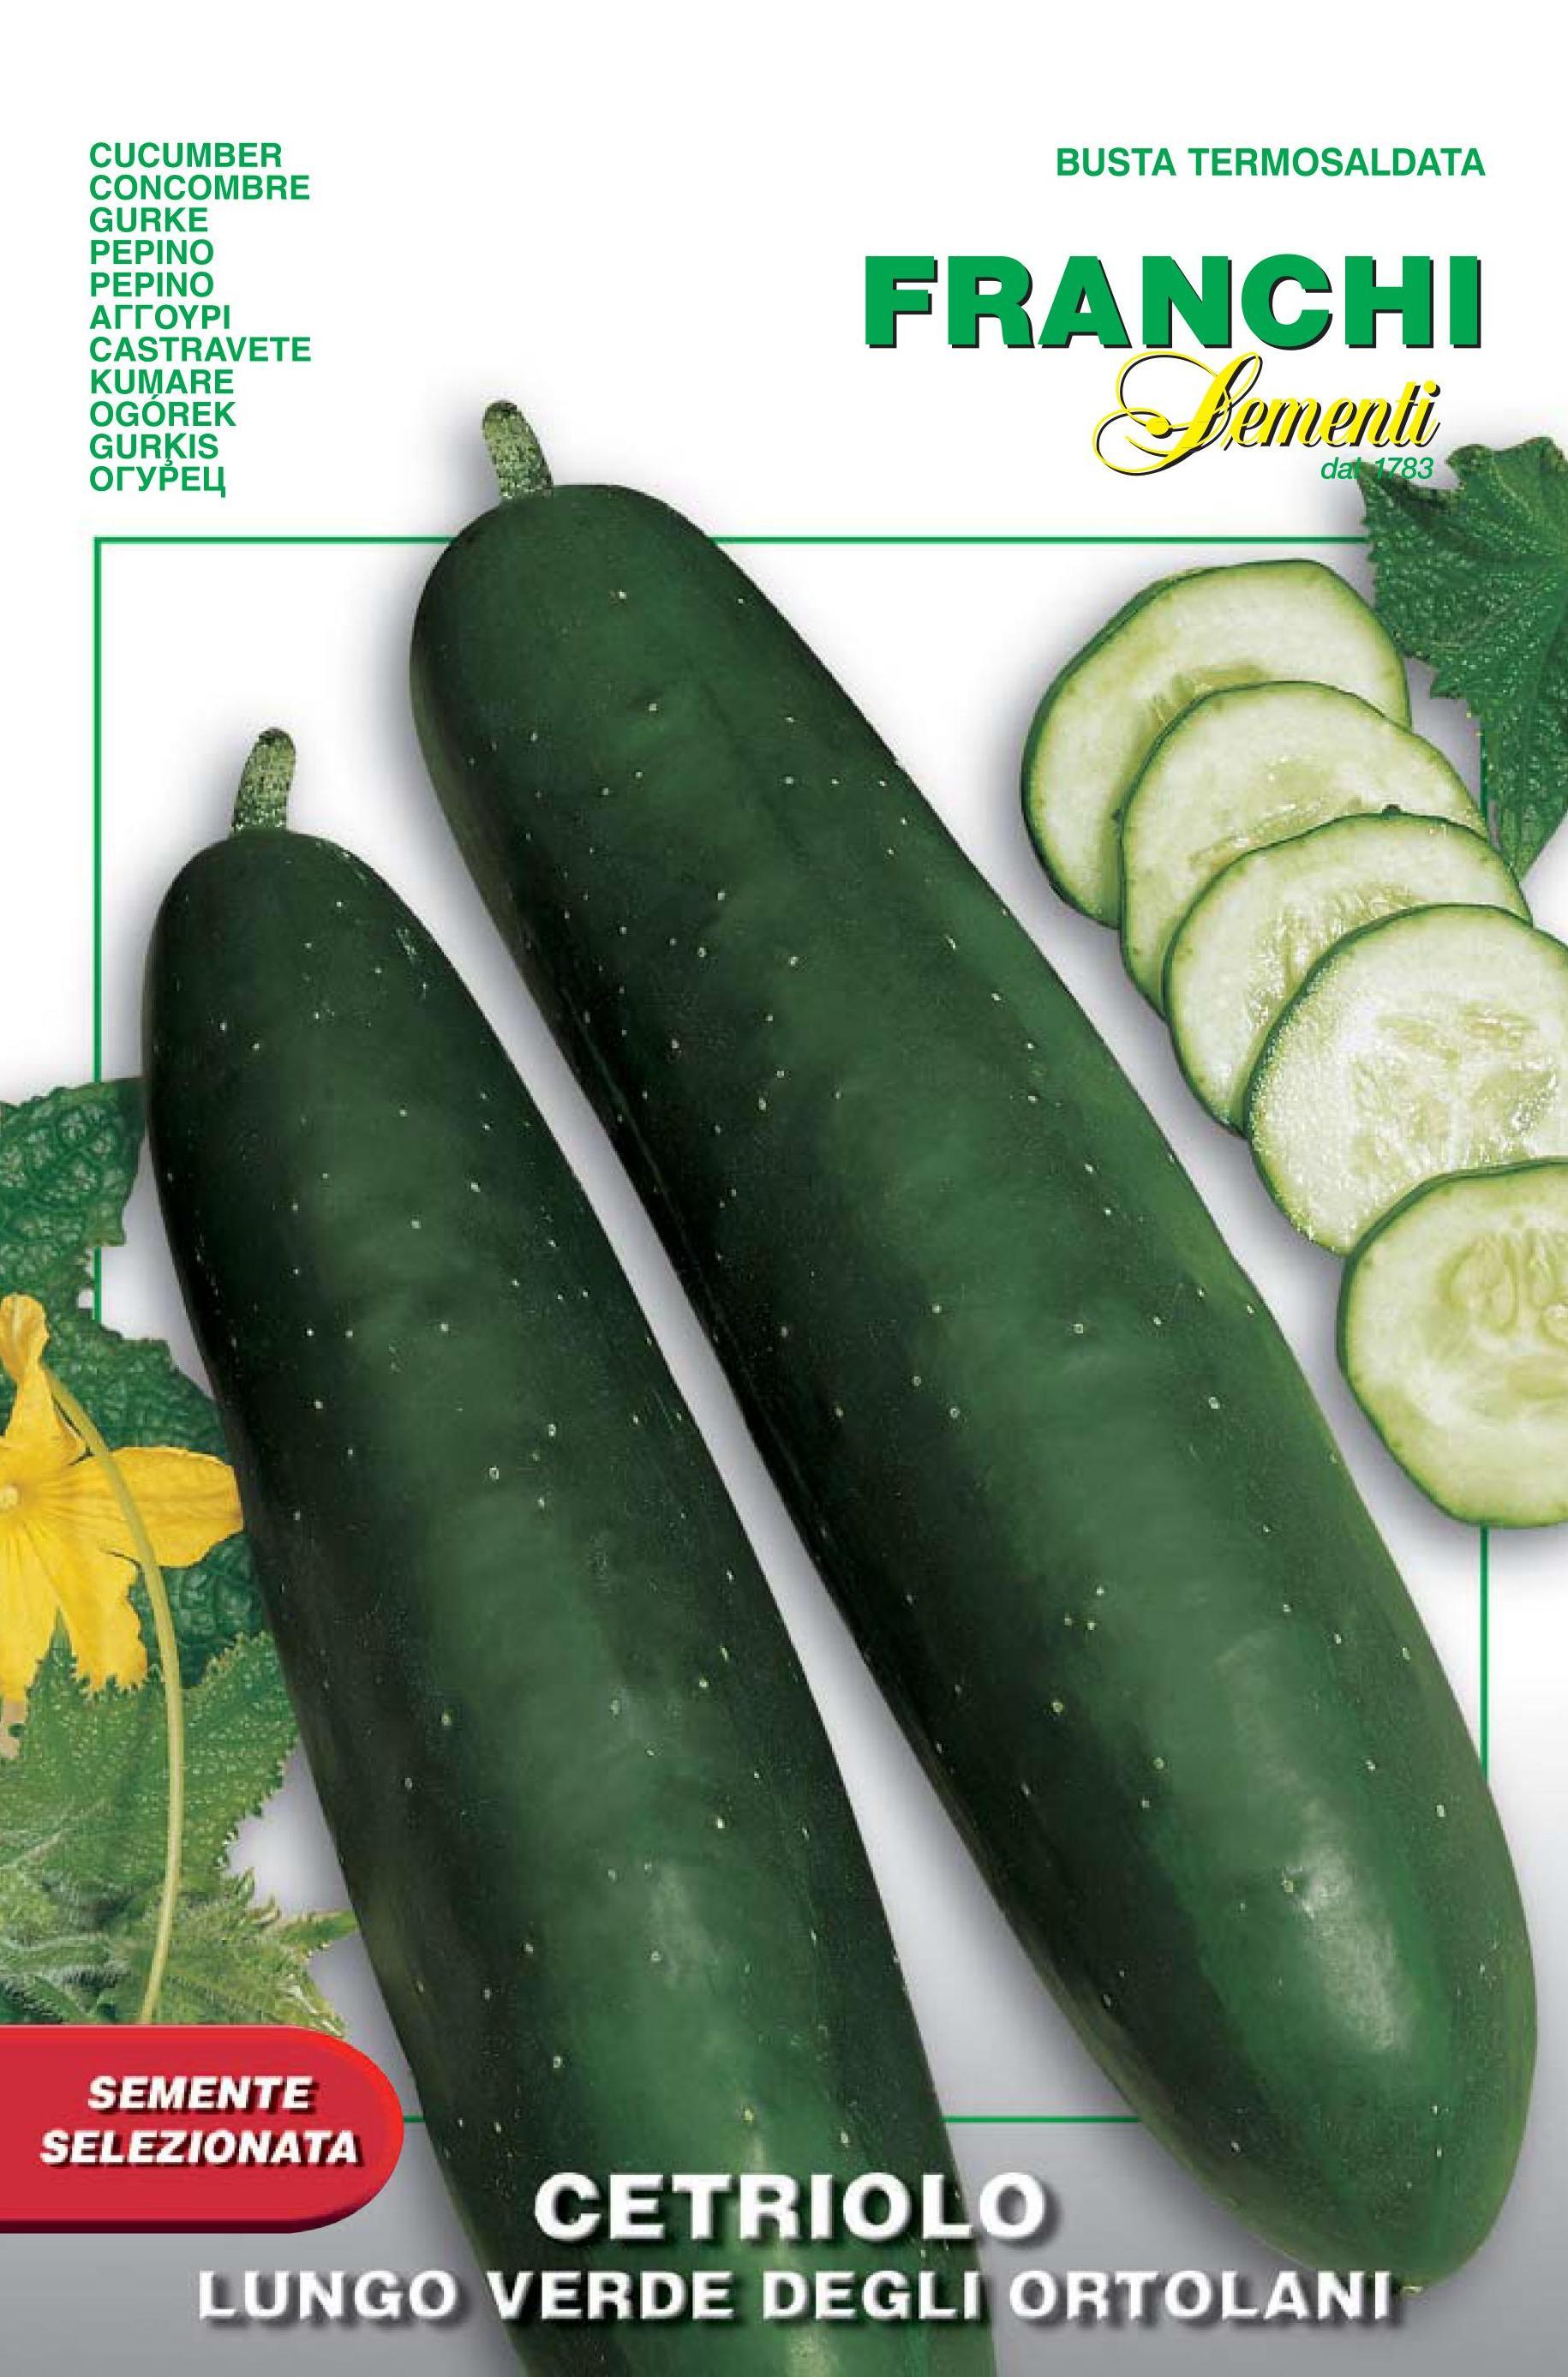 Cucumber Verde Degli Ortolani save 46p